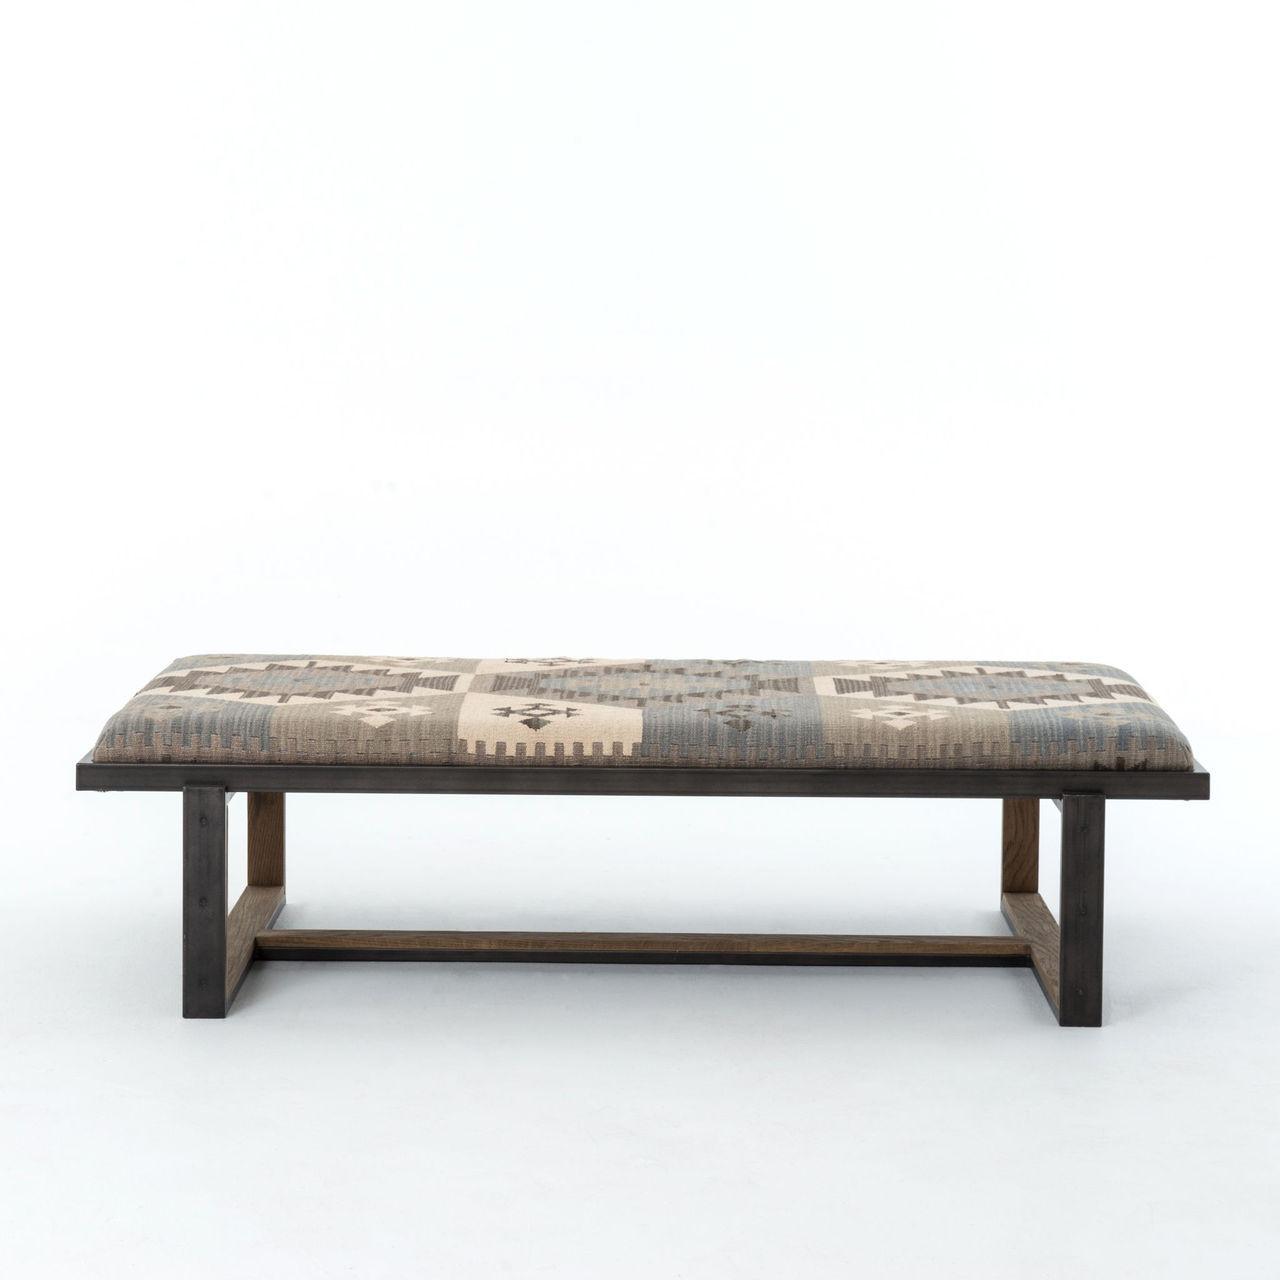 Kilim Ottoman Bench